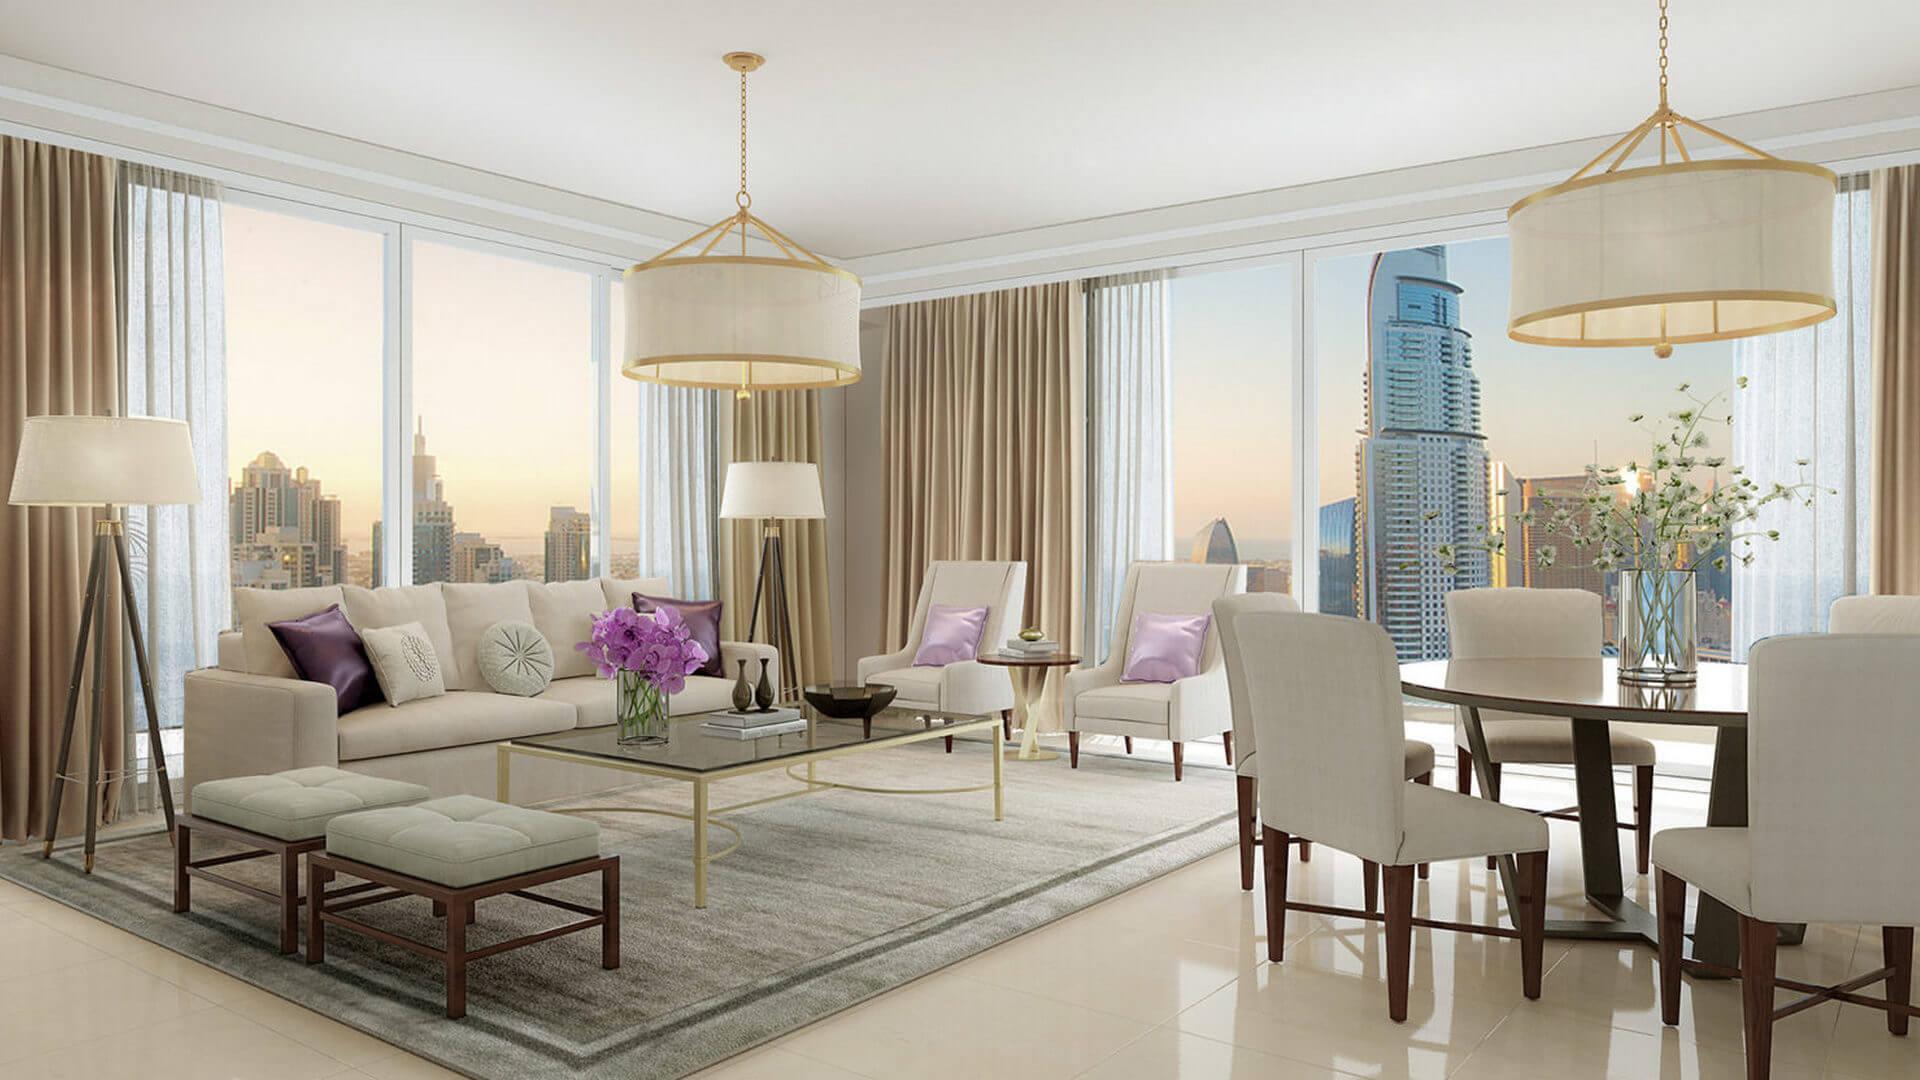 Apartment for sale in Dubai, UAE, 3 bedrooms, 177 m2, No. 24094 – photo 1